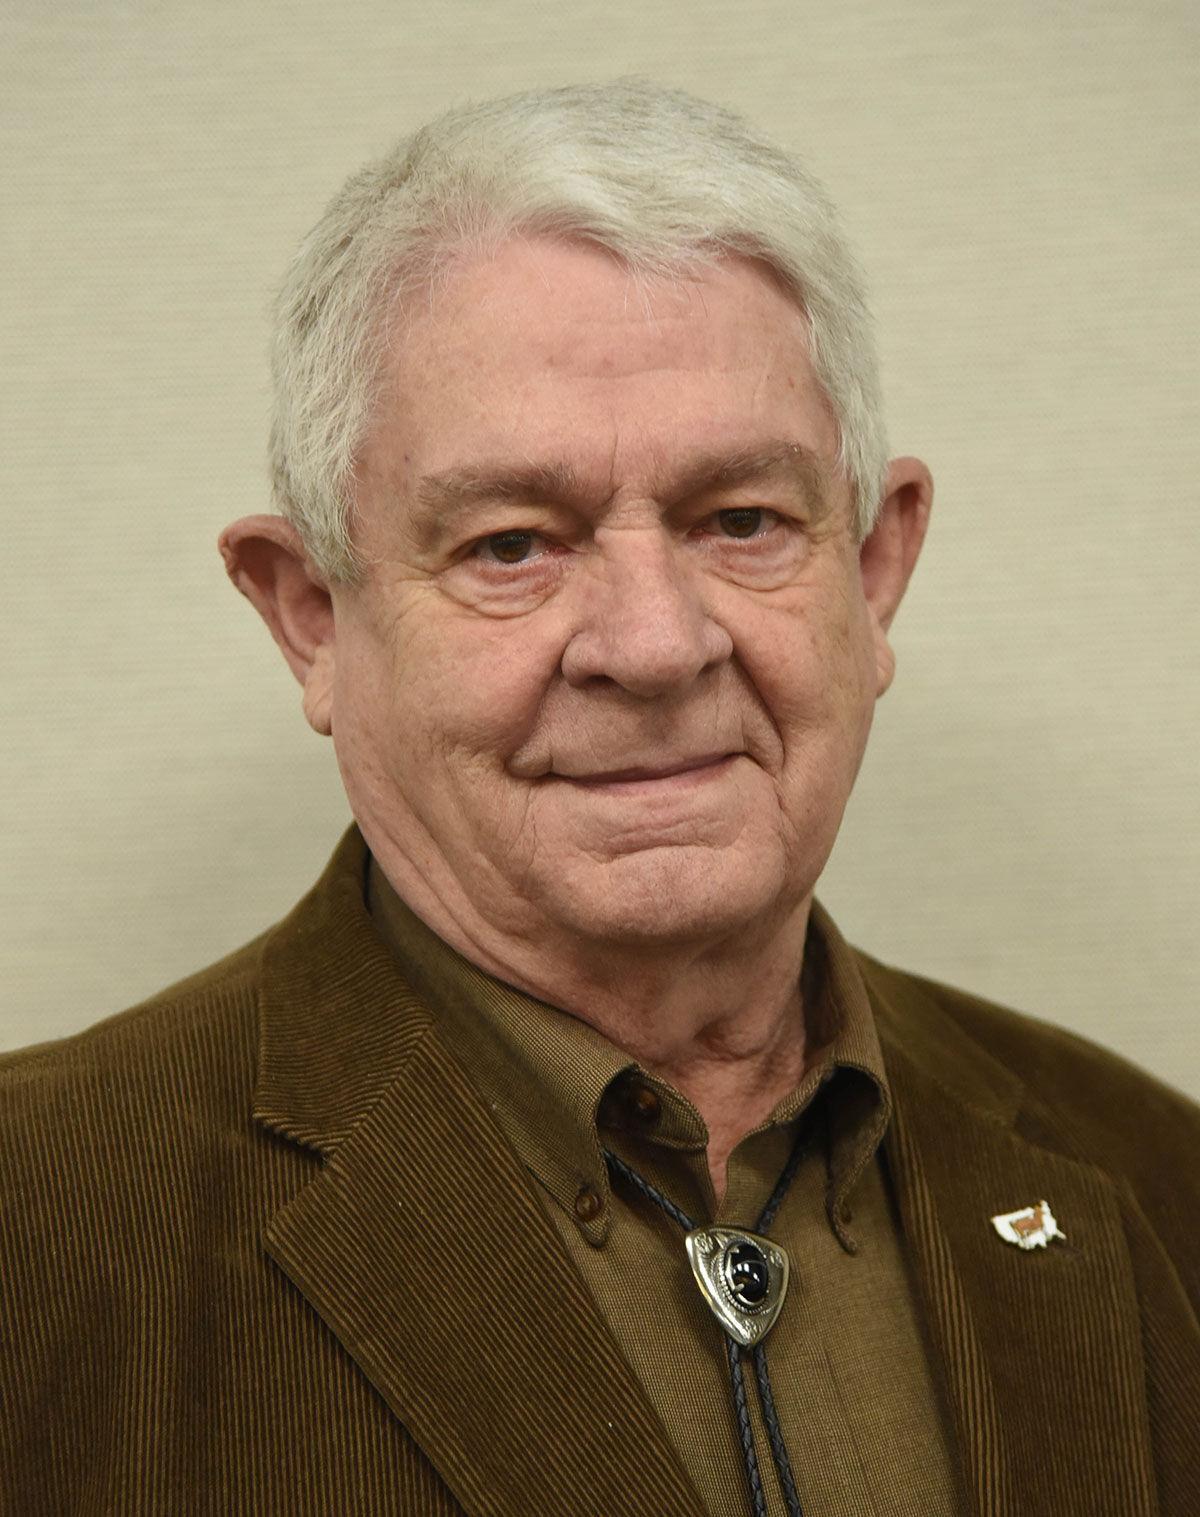 Dave Cochard